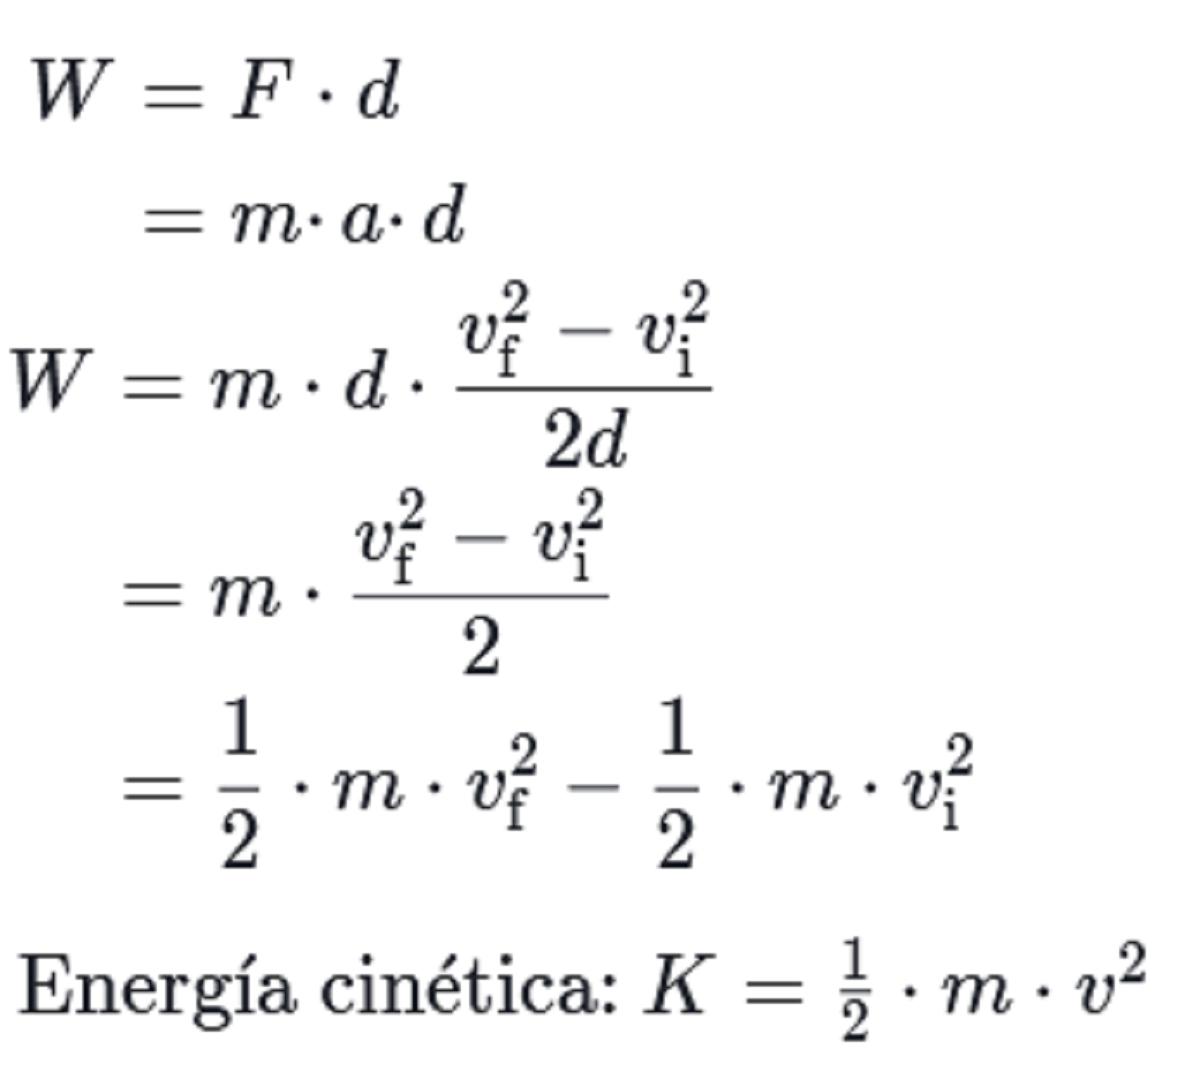 Fórmula energía cinética